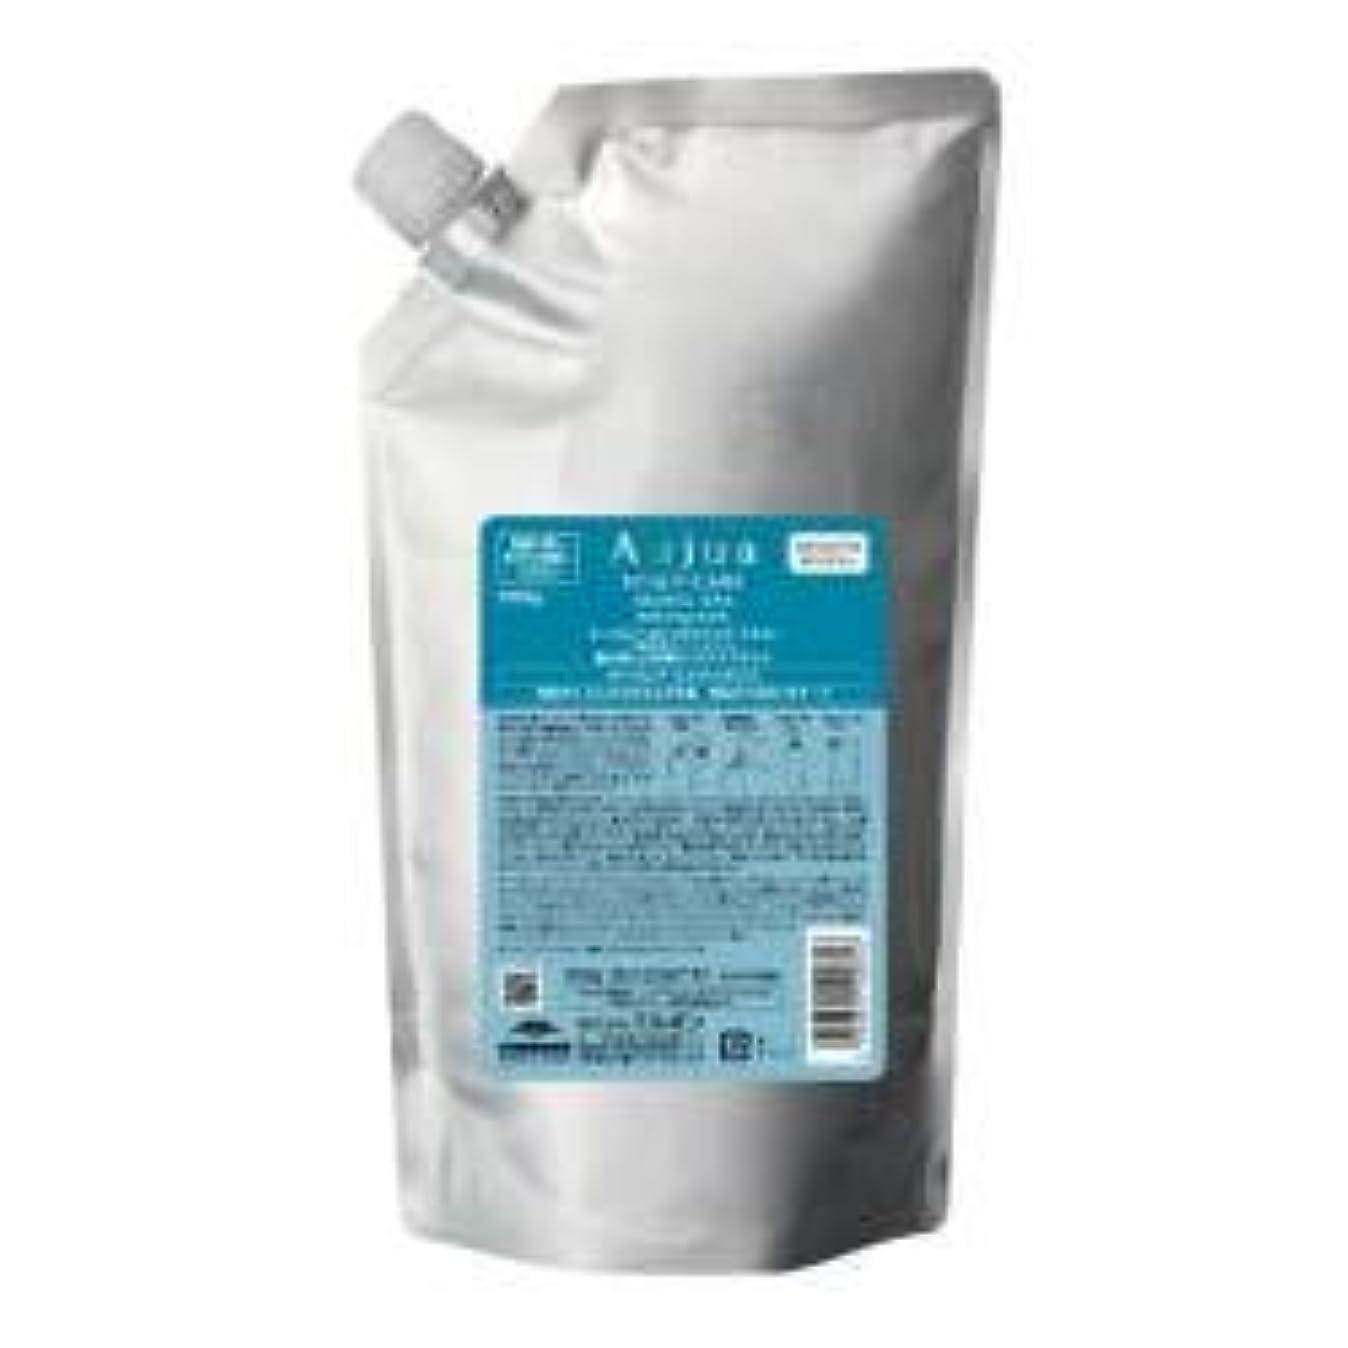 部屋を掃除するレンドハムオージュア AS エイジングスパ リラクシング マスク(1kg)